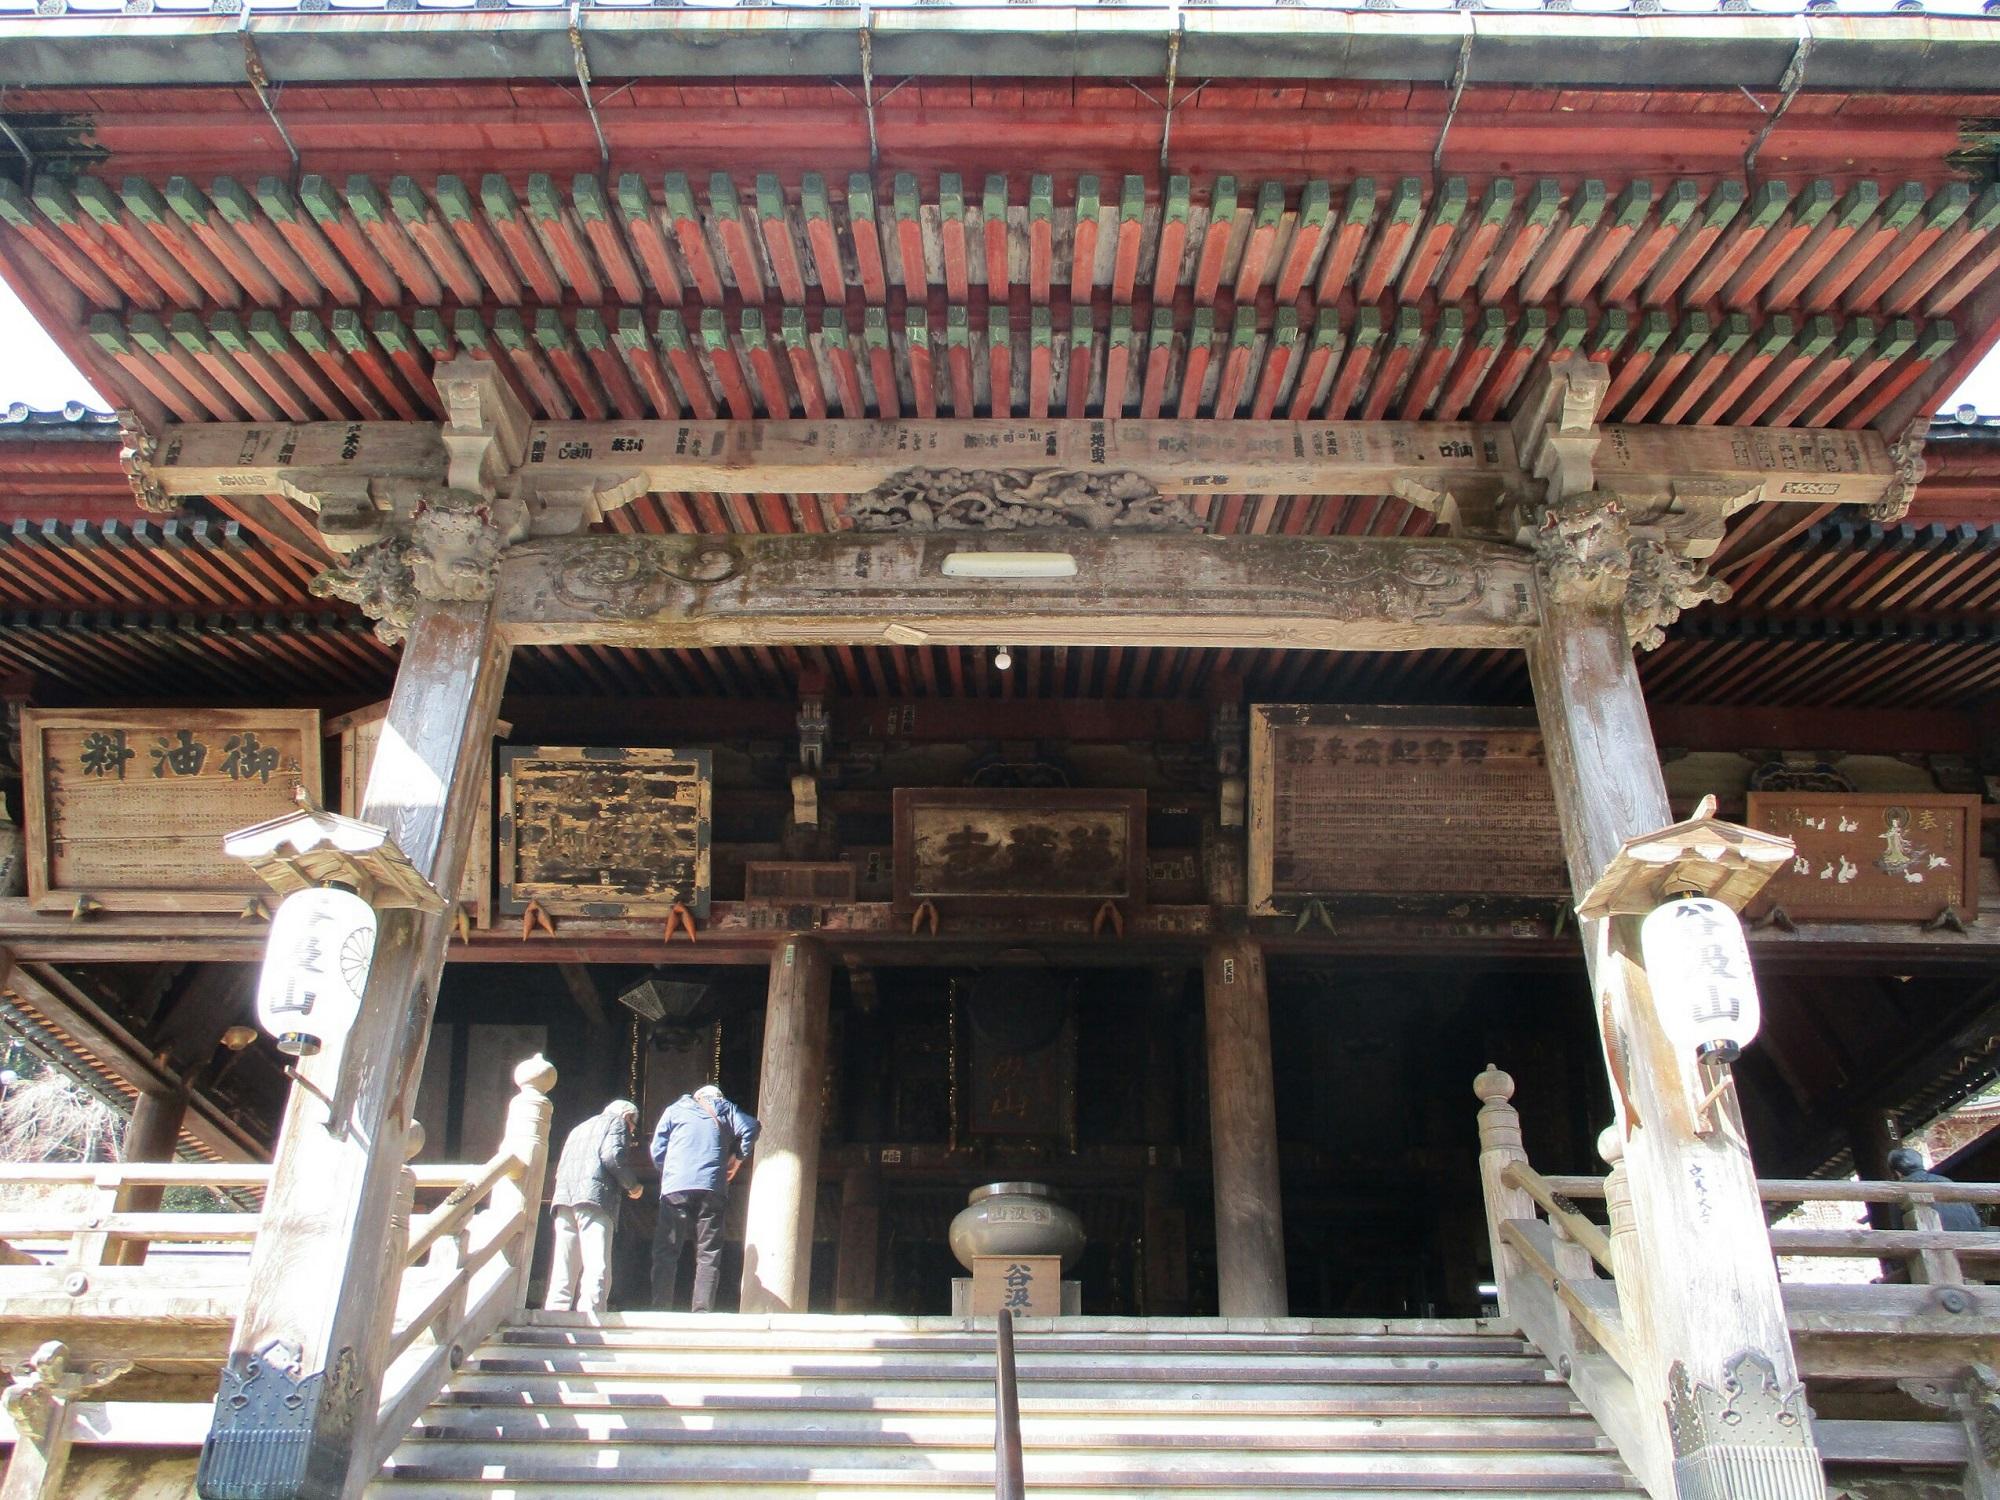 2019.3.1 (161) 谷汲山華厳寺 - 本堂 2000-1500